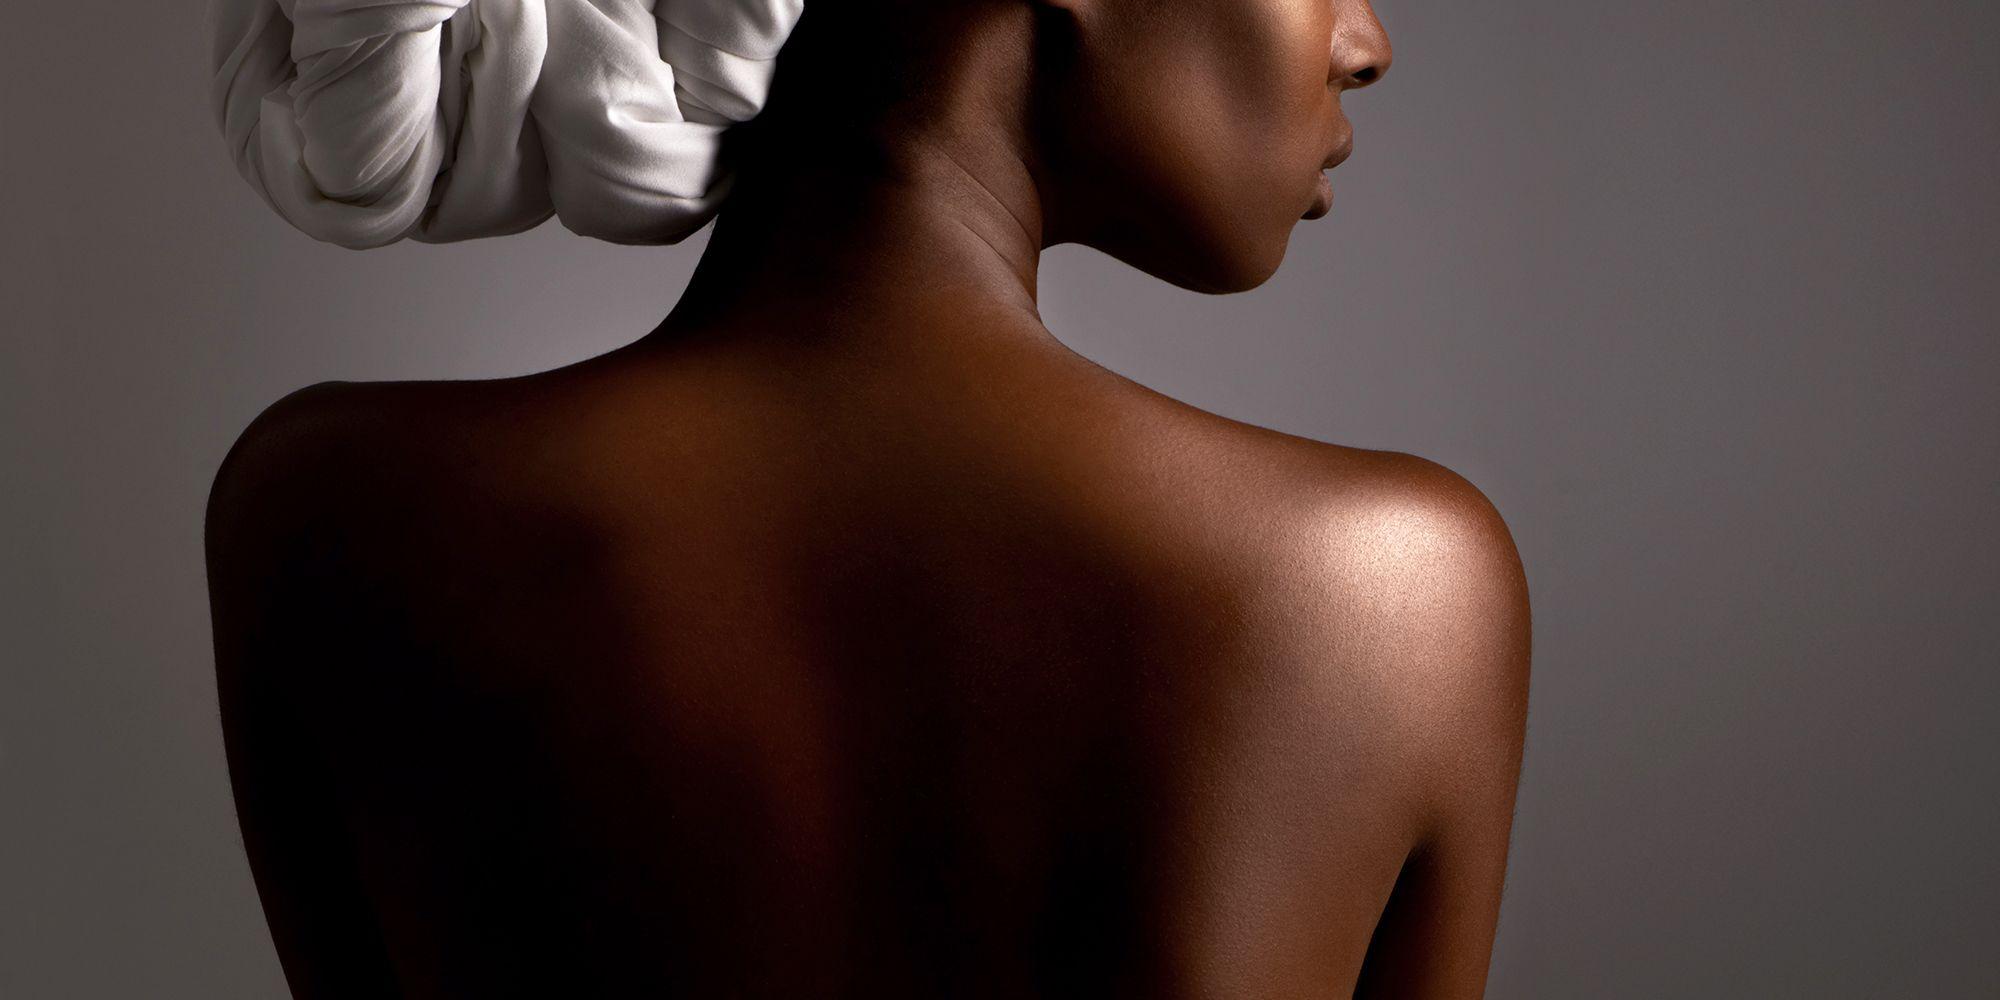 dark skin removal